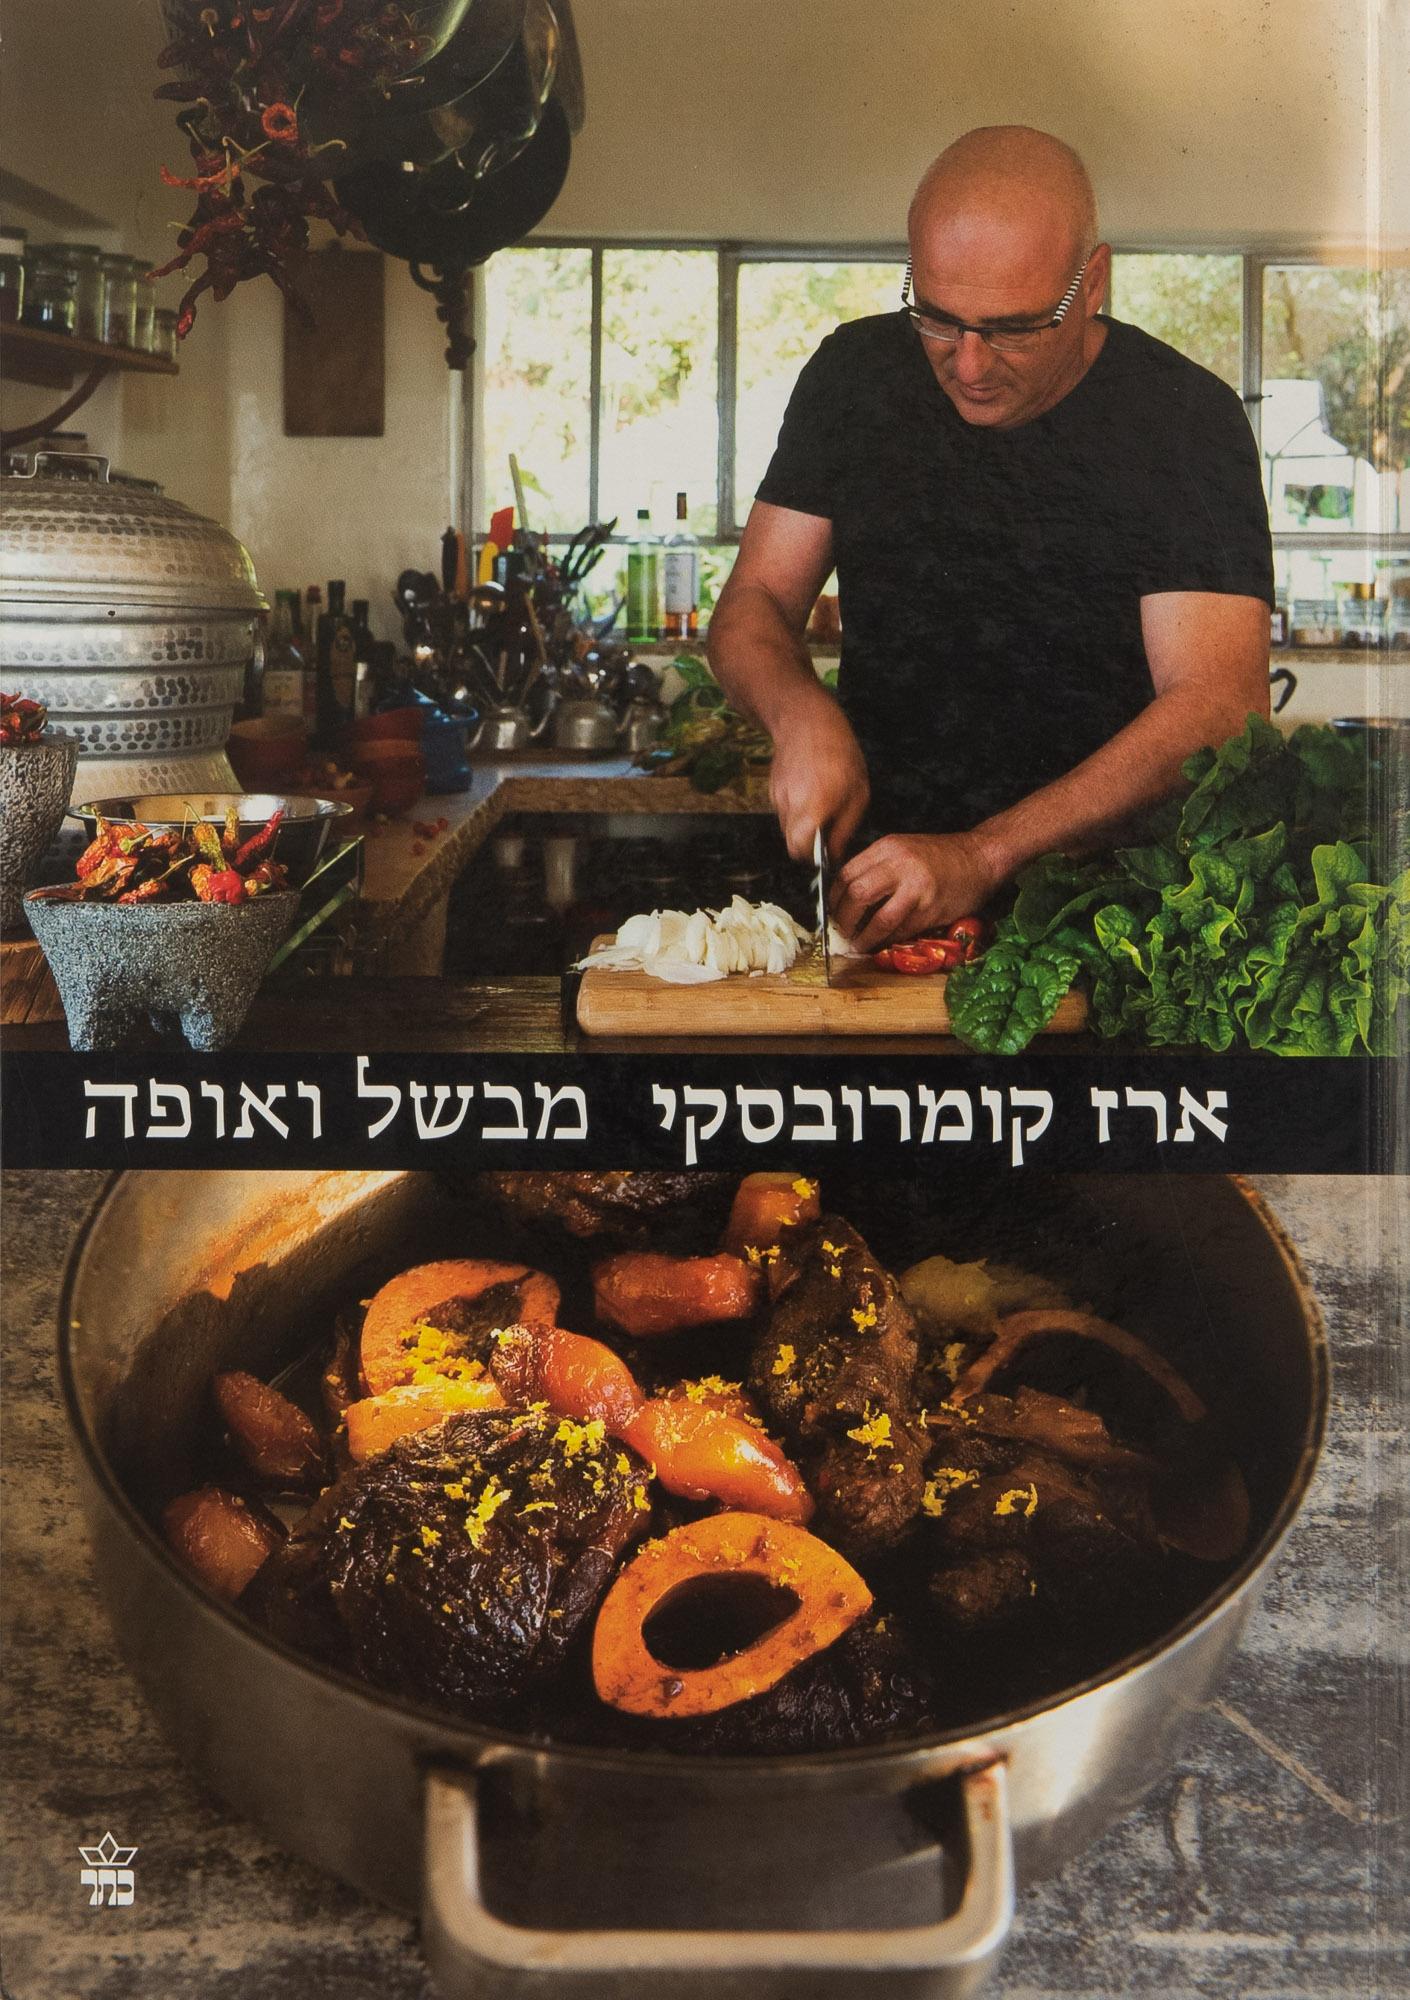 The cover of Israeli cookbook Erez Komarovsky Cooks and Bakes